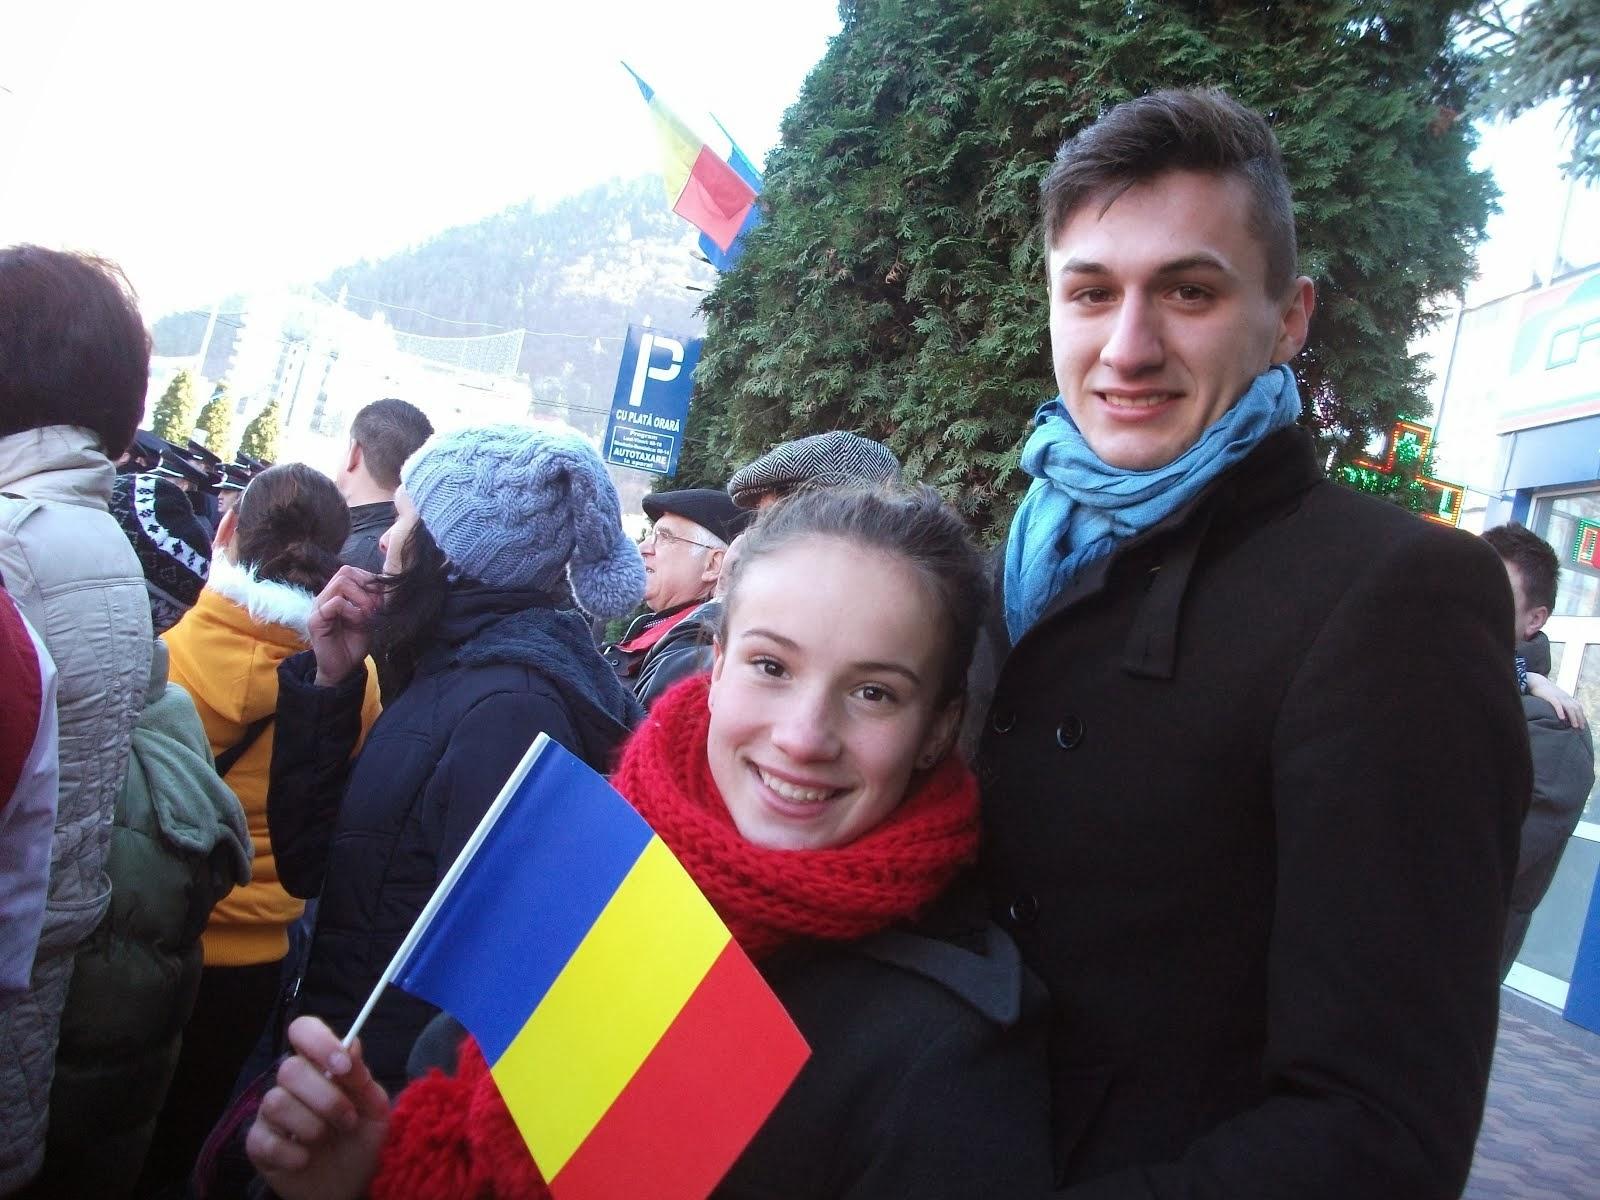 Elevii Cristina Furnică şi Alex Drăguşanu la Ziua Naţională a României, Piatra Neamţ, 1.12.2013...